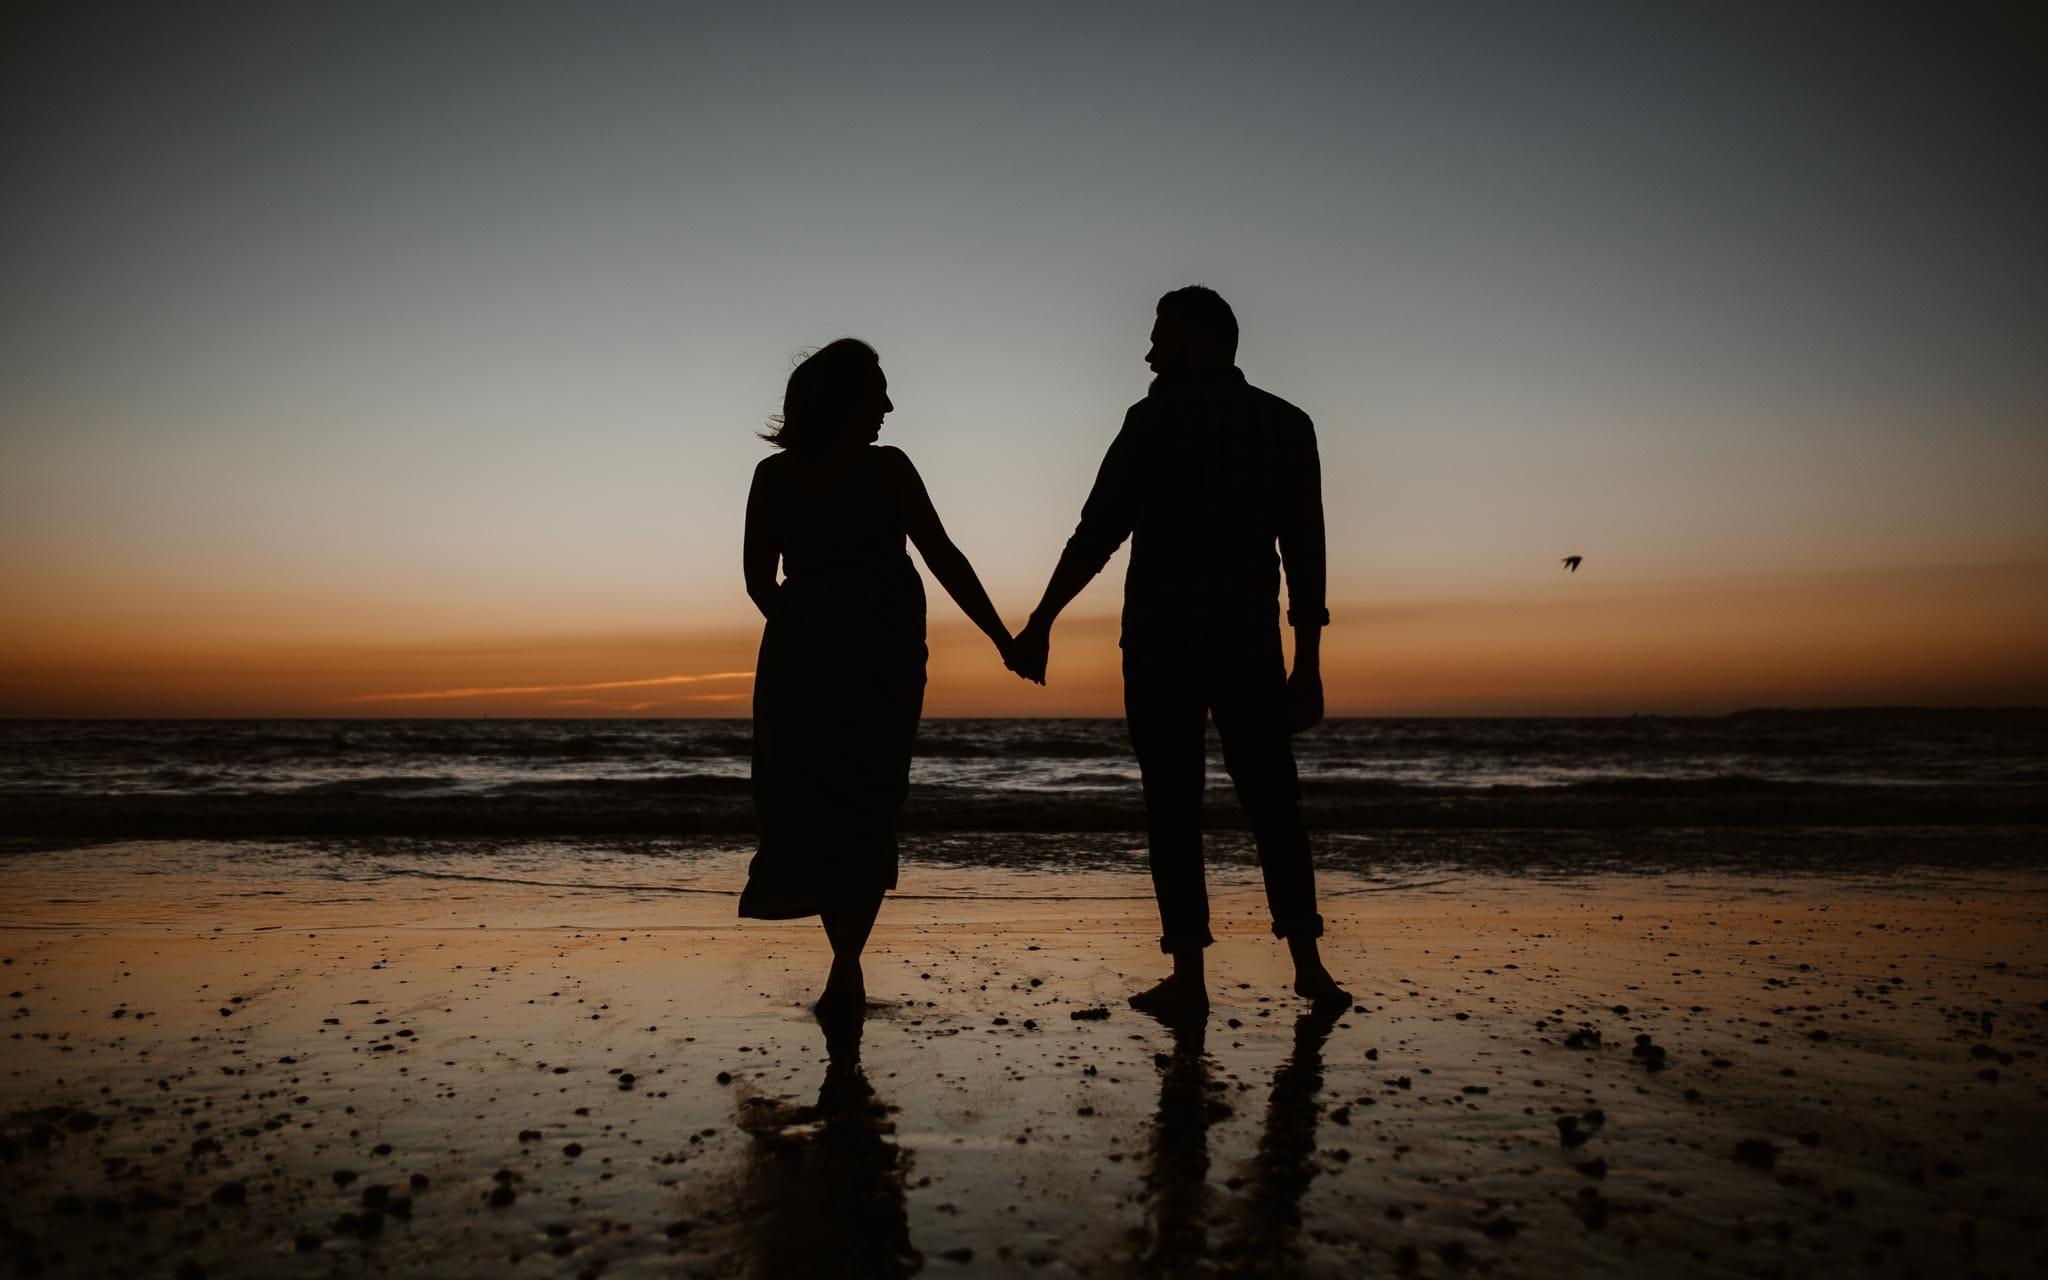 Séance couple femme enceinte en extérieur, à l'ambiance poétique et romantique, au coucher de soleil sur la plage à la Baule par Geoffrey Arnoldy photographe